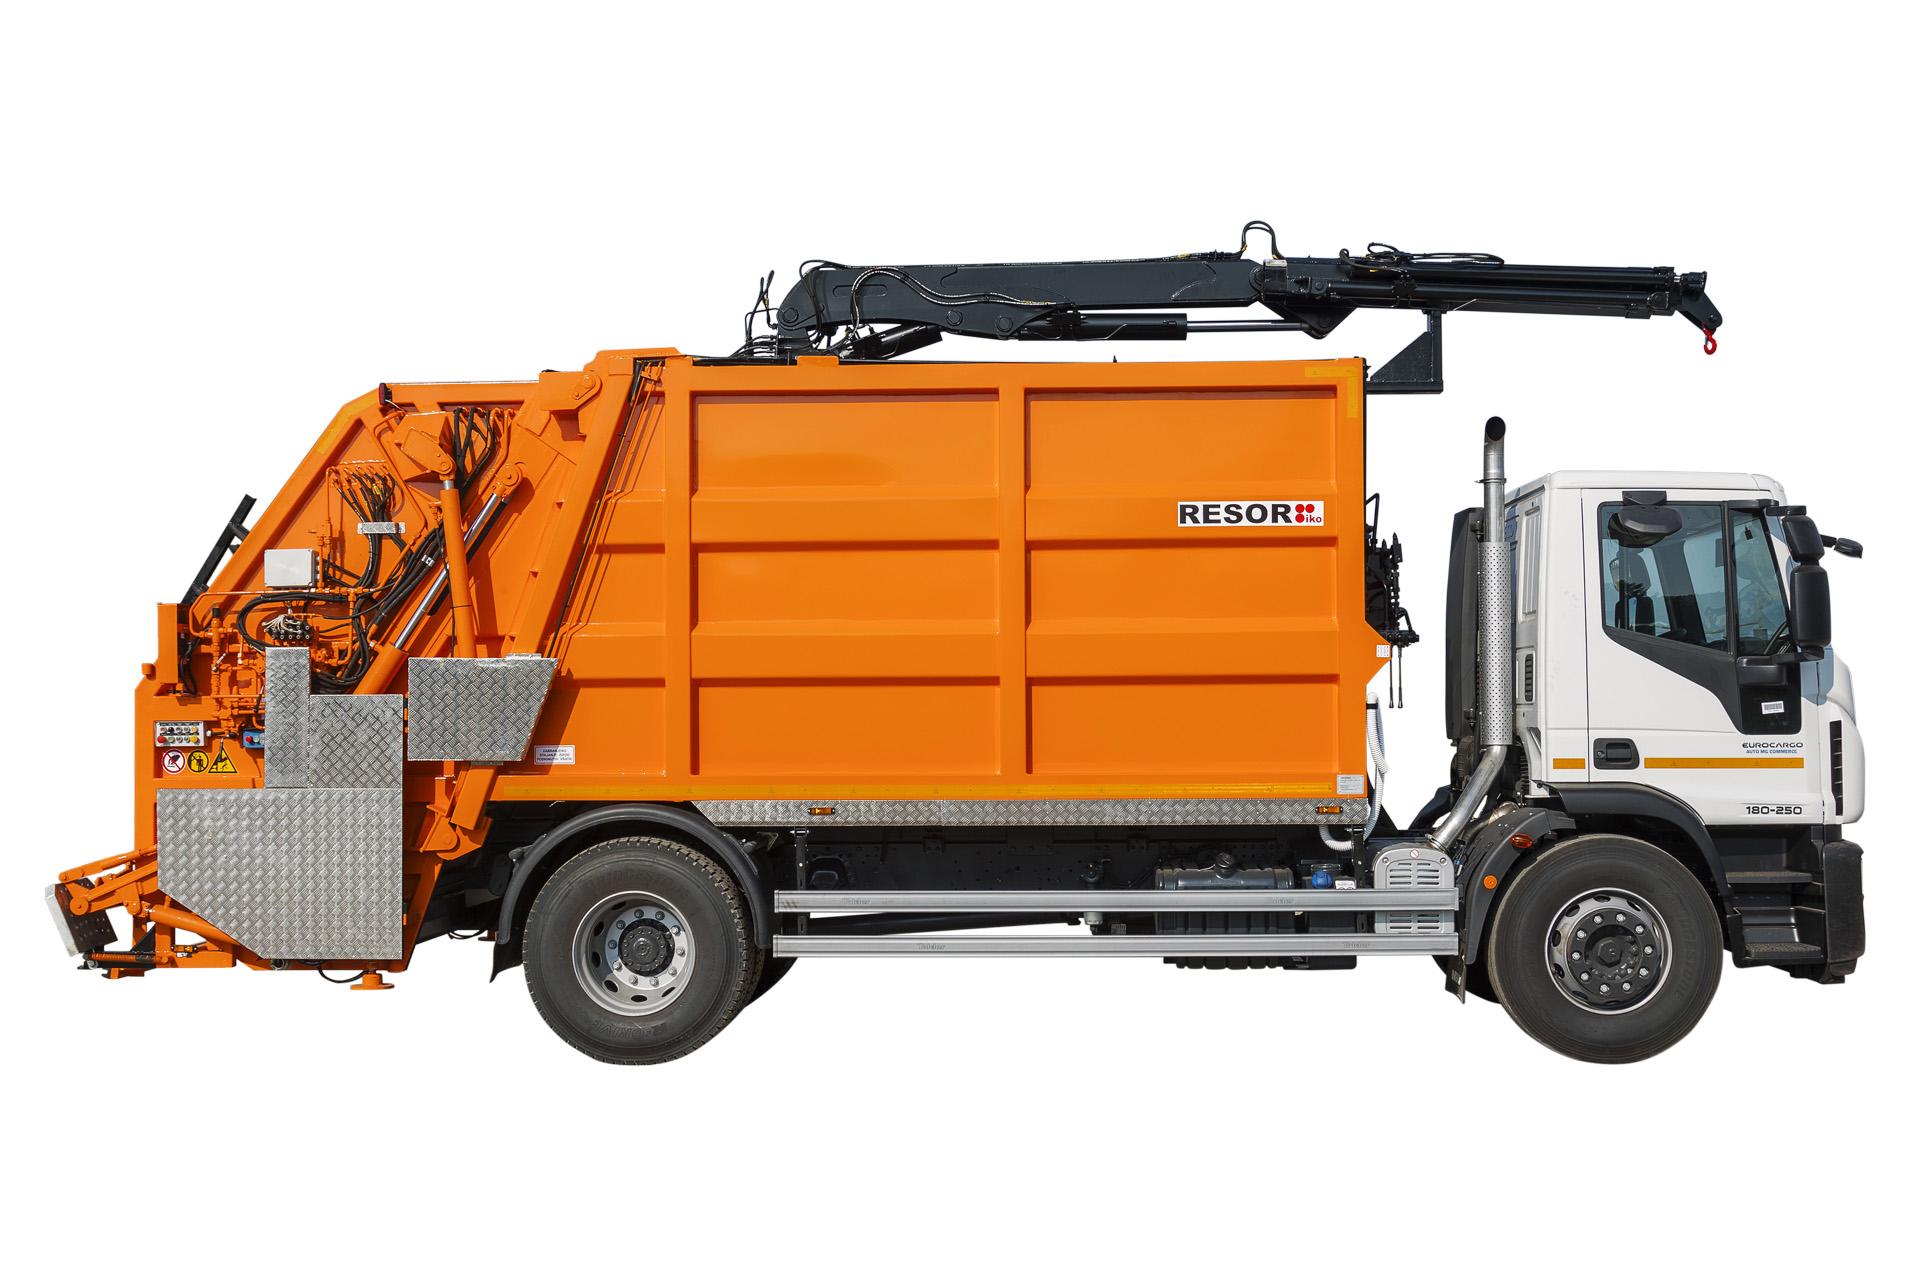 Koristi se za prikupljanje, kompresiju i odlaganje komunalnog otpada i za recikliranje materijala. Prostor za odlaganje može biti od 4m³ do 22m³, ovisno o potrebama kupca. Nadogradnje također imaju hidraulički mehanizam za automatsko miješanje i odlaganje otpada, zapremine 240 litara, kao i kante zapremine 1.100 litara. Resor je razvio i mehanizam nadogradnji za pražnjenje polupodzemnih spremnika.